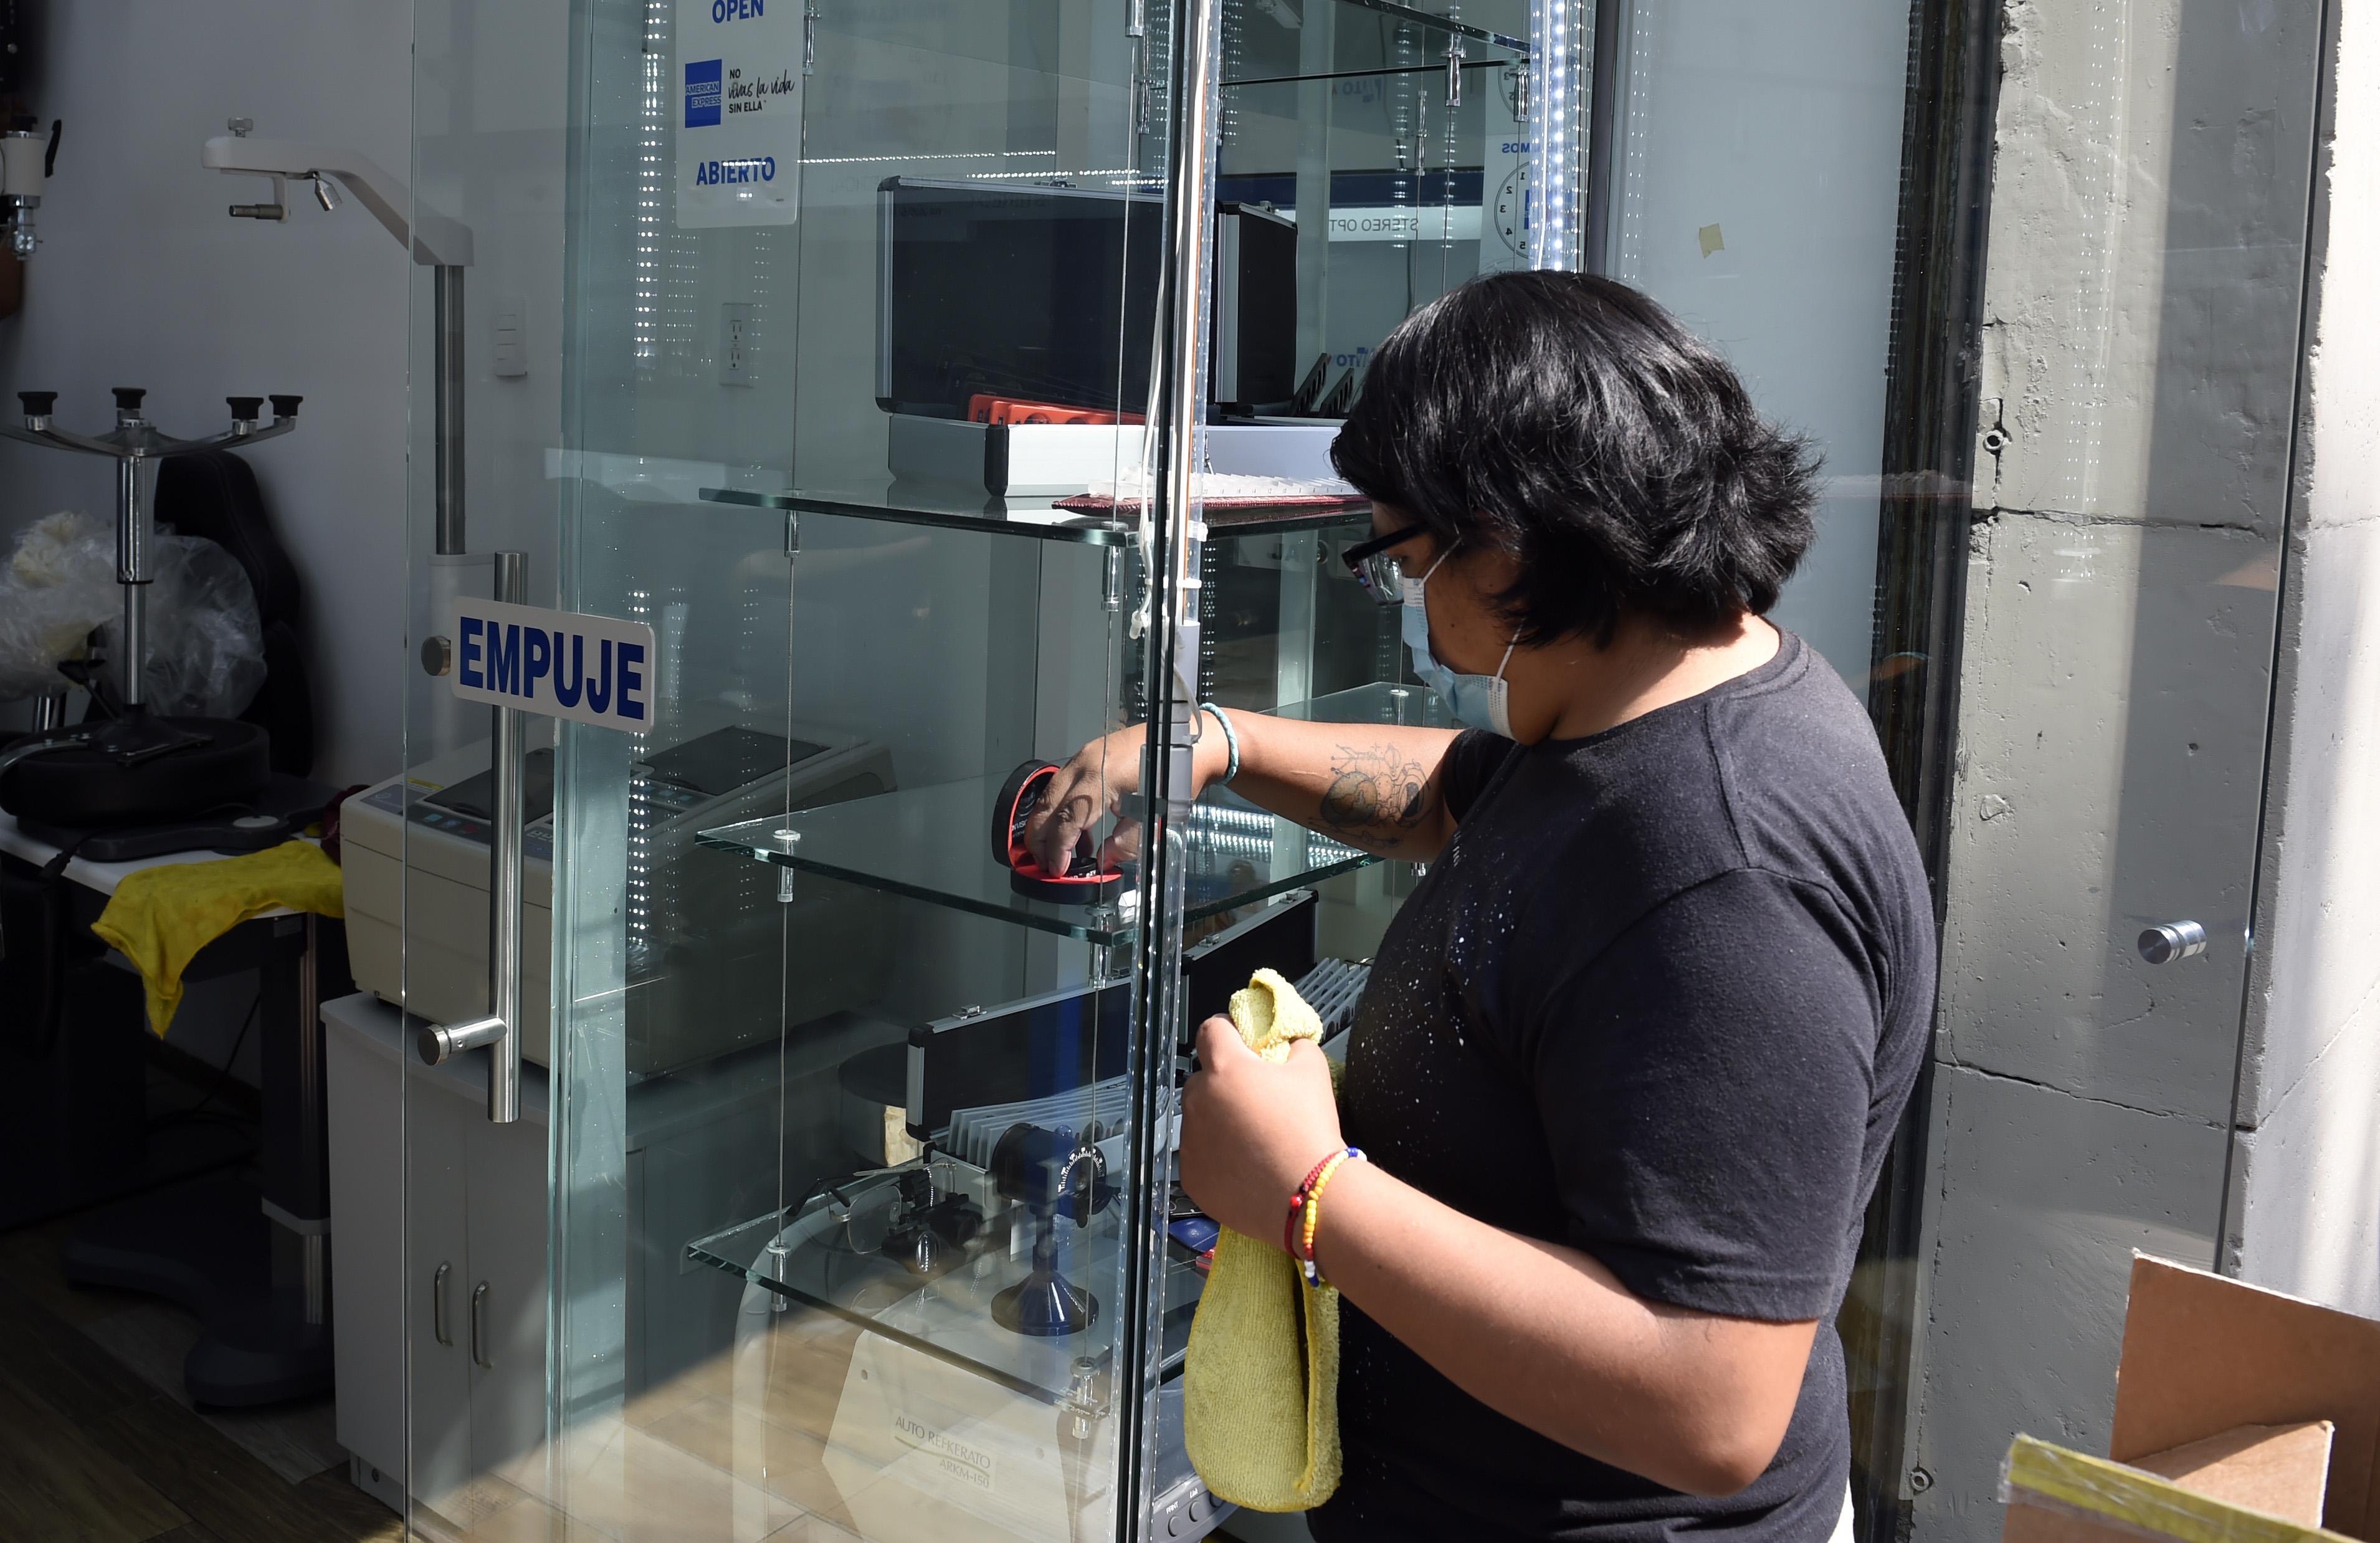 El empleado de una óptica limpia antes de volver a abrir en la Ciudad de México el 29 de junio de 2020 durante la pandemia de COVID-19.(Foto: ALFREDO ESTRELLA / AFP)